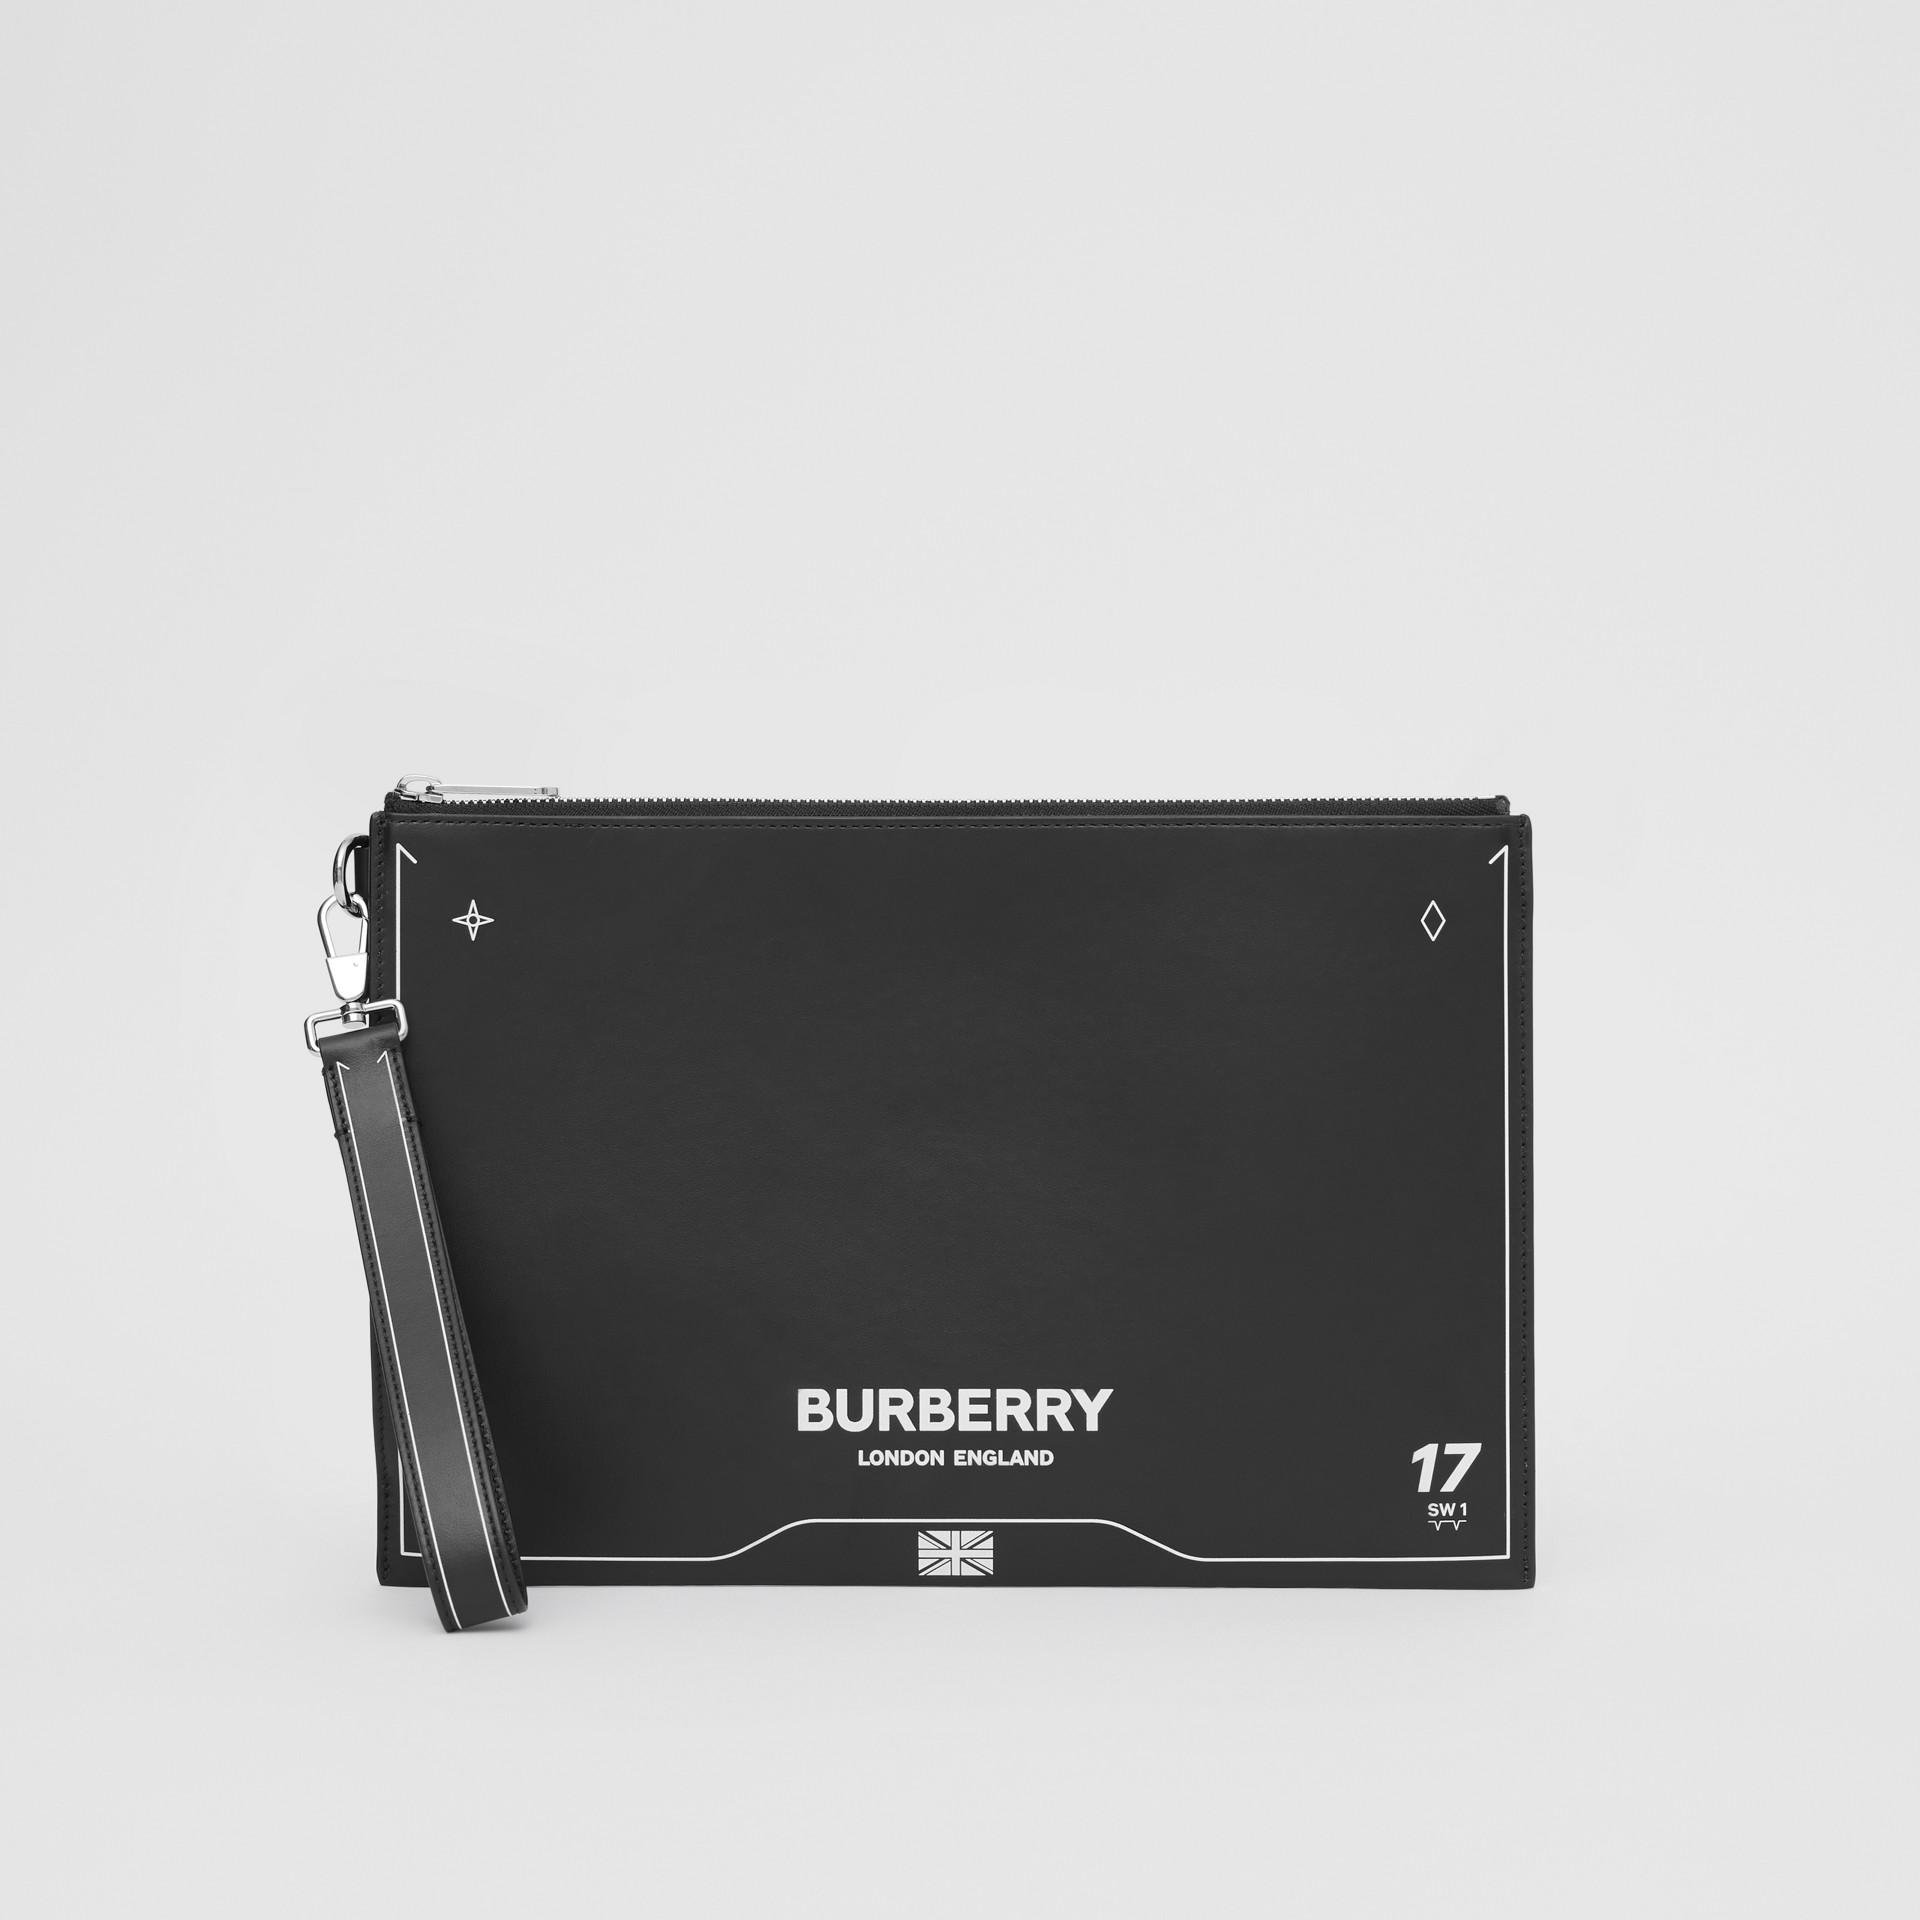 シンボルプリント レザー ジップポーチ (ブラック) | バーバリー - ギャラリーイメージ 2